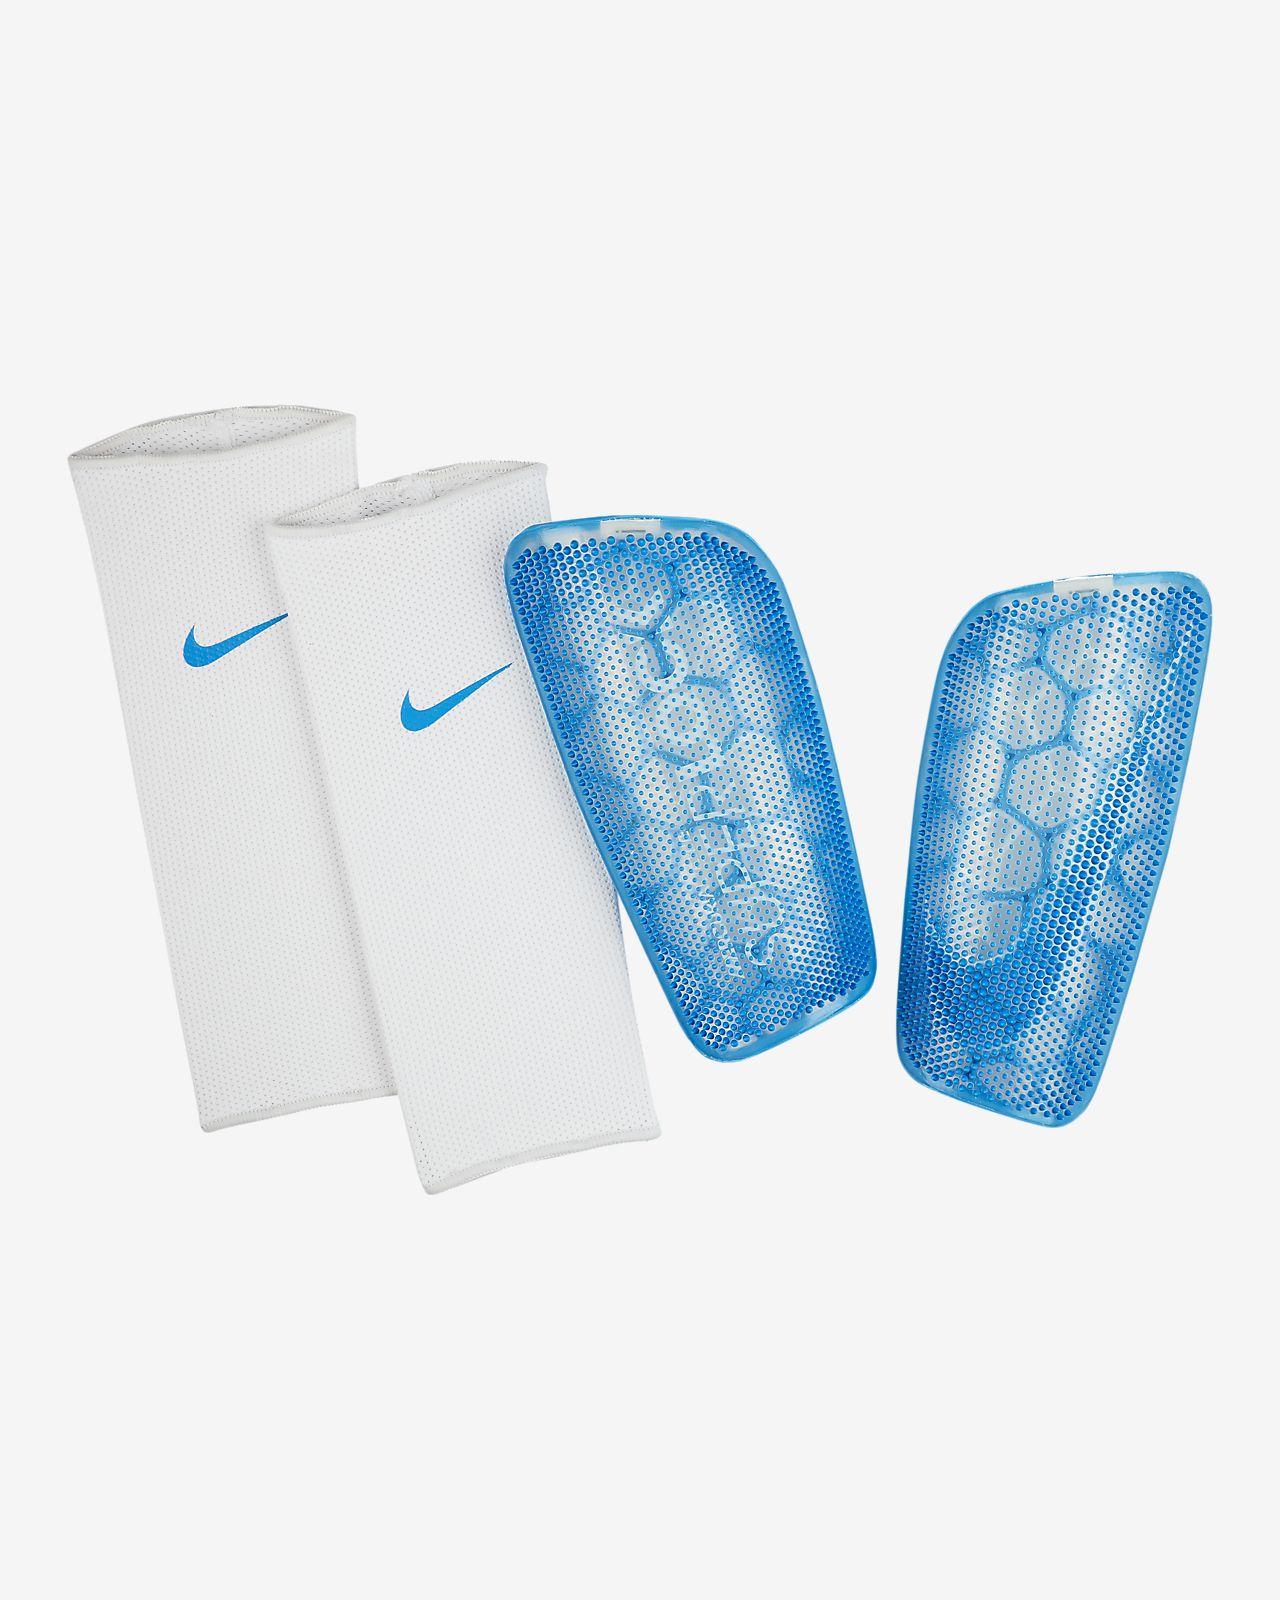 Nike Mercurial FlyLite Superlock Fußball-Schienbeinschoner